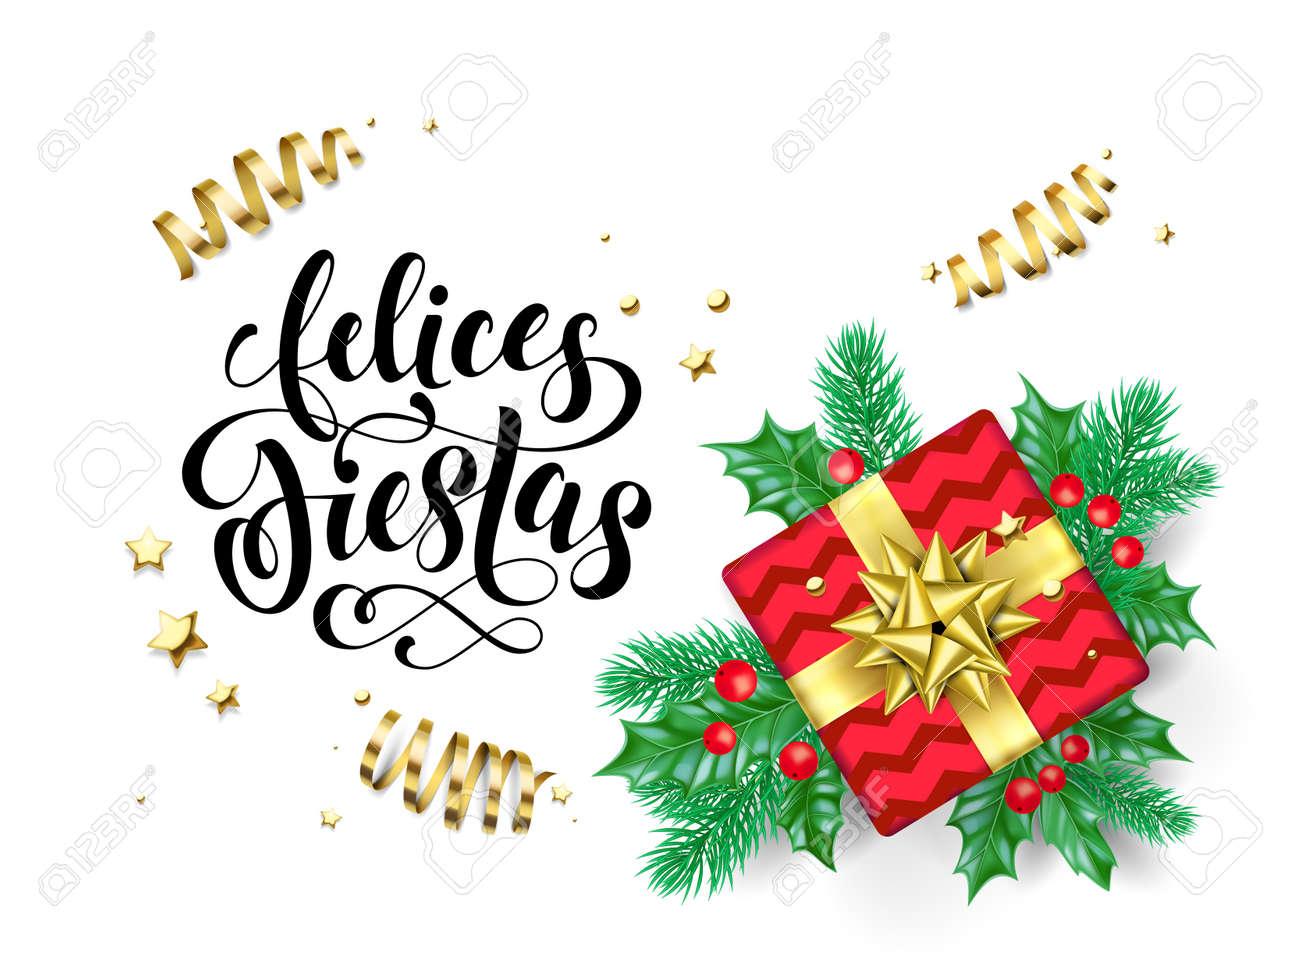 Felices Fiestas 90321426-feliz-d%C3%ADa-de-fiesta-de-felices-fiestas-caligraf%C3%ADa-texto-dibujado-a-mano-para-la-plantilla-de-fondo-de-la